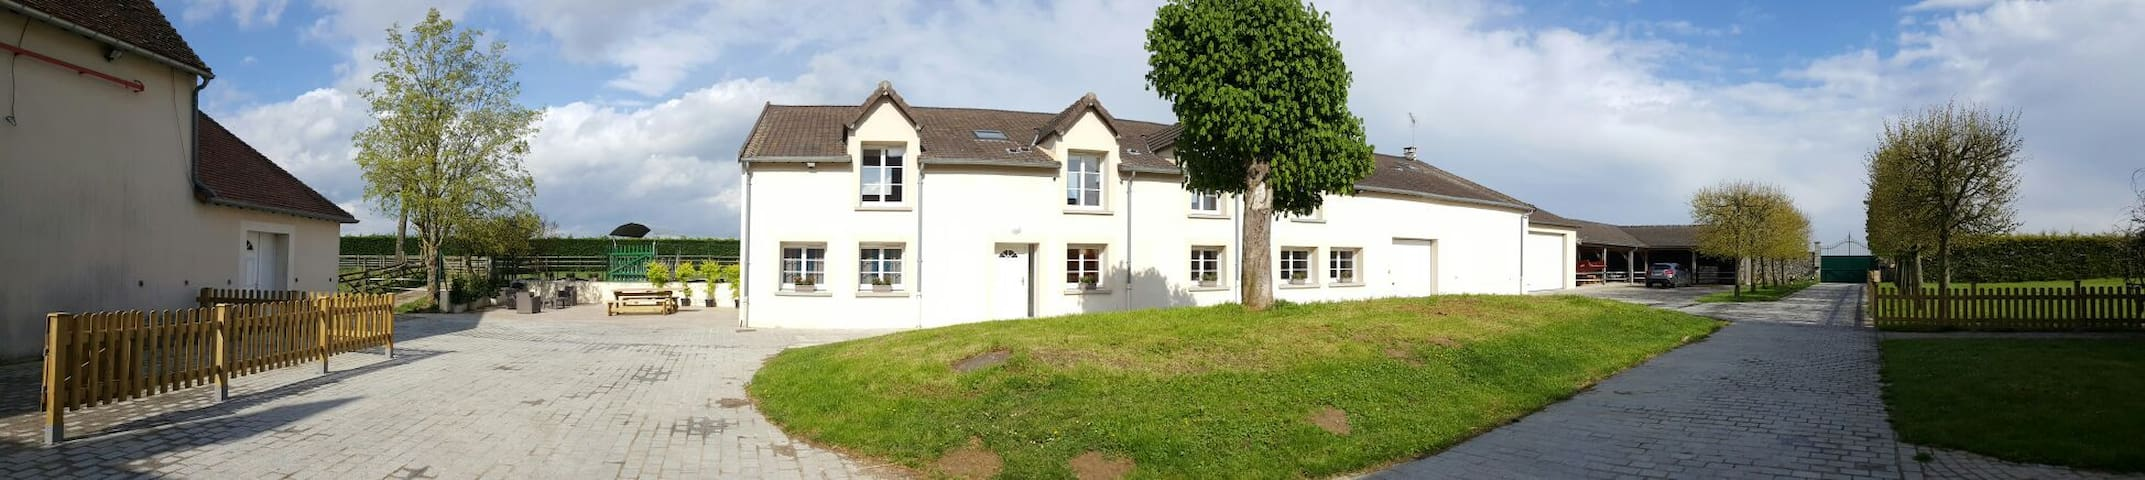 maison 400m2 à la campagne avec spa - Vieux-Champagne - Haus